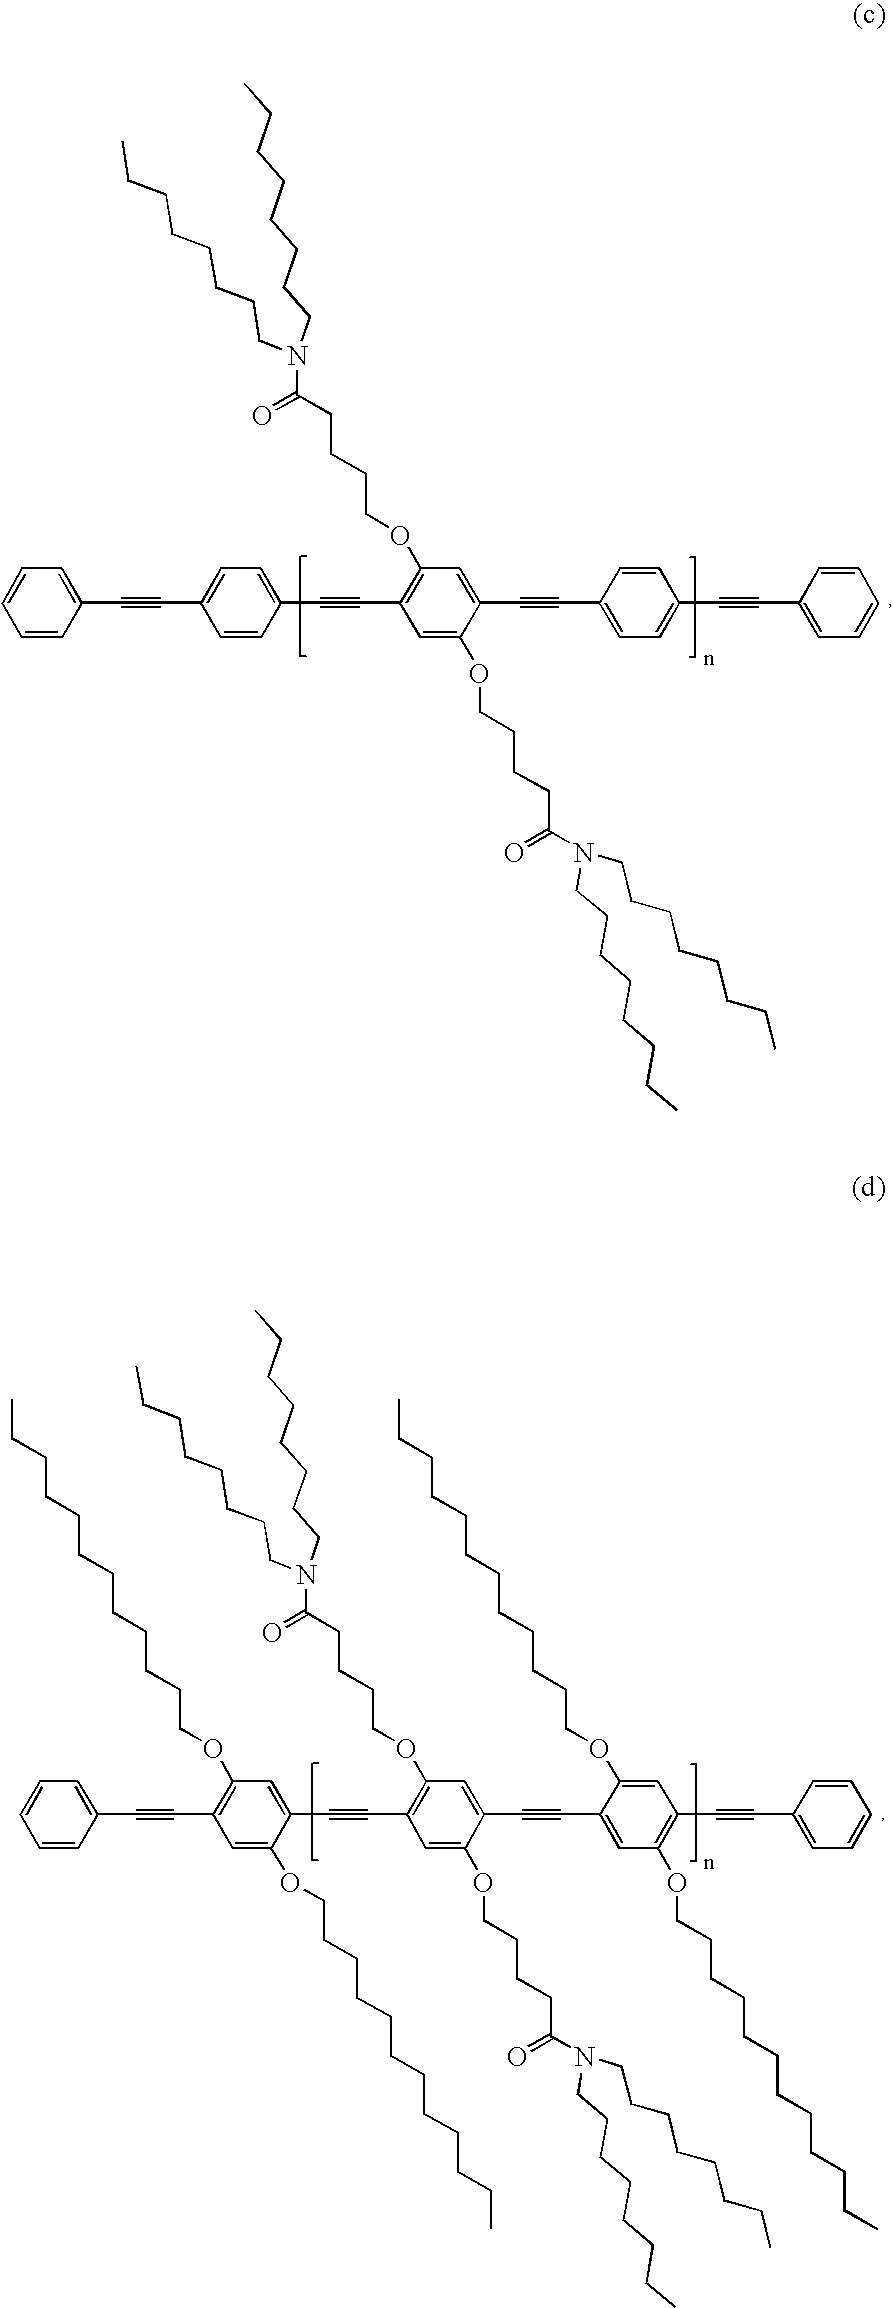 Figure US07479516-20090120-C00043